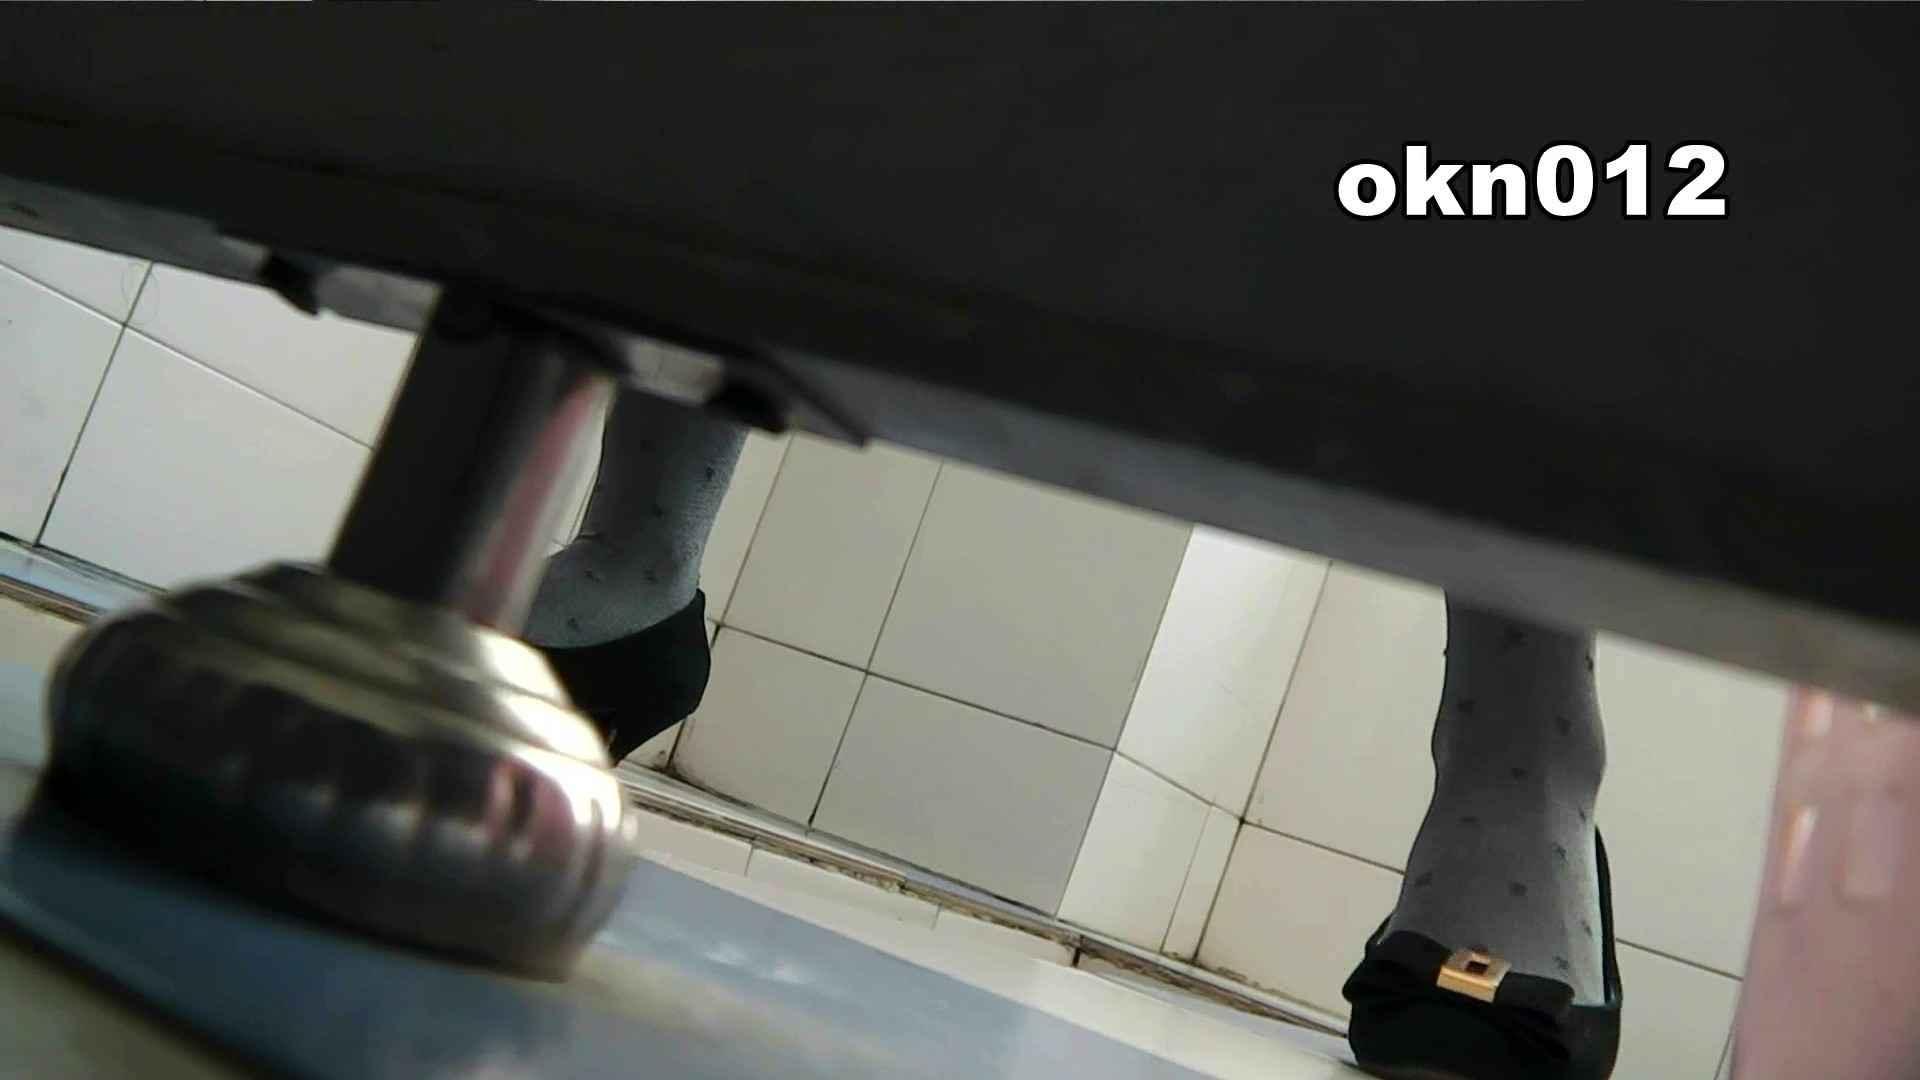 下からノゾム vol.012 長いものには エッチなお姉さん AV動画キャプチャ 83画像 9